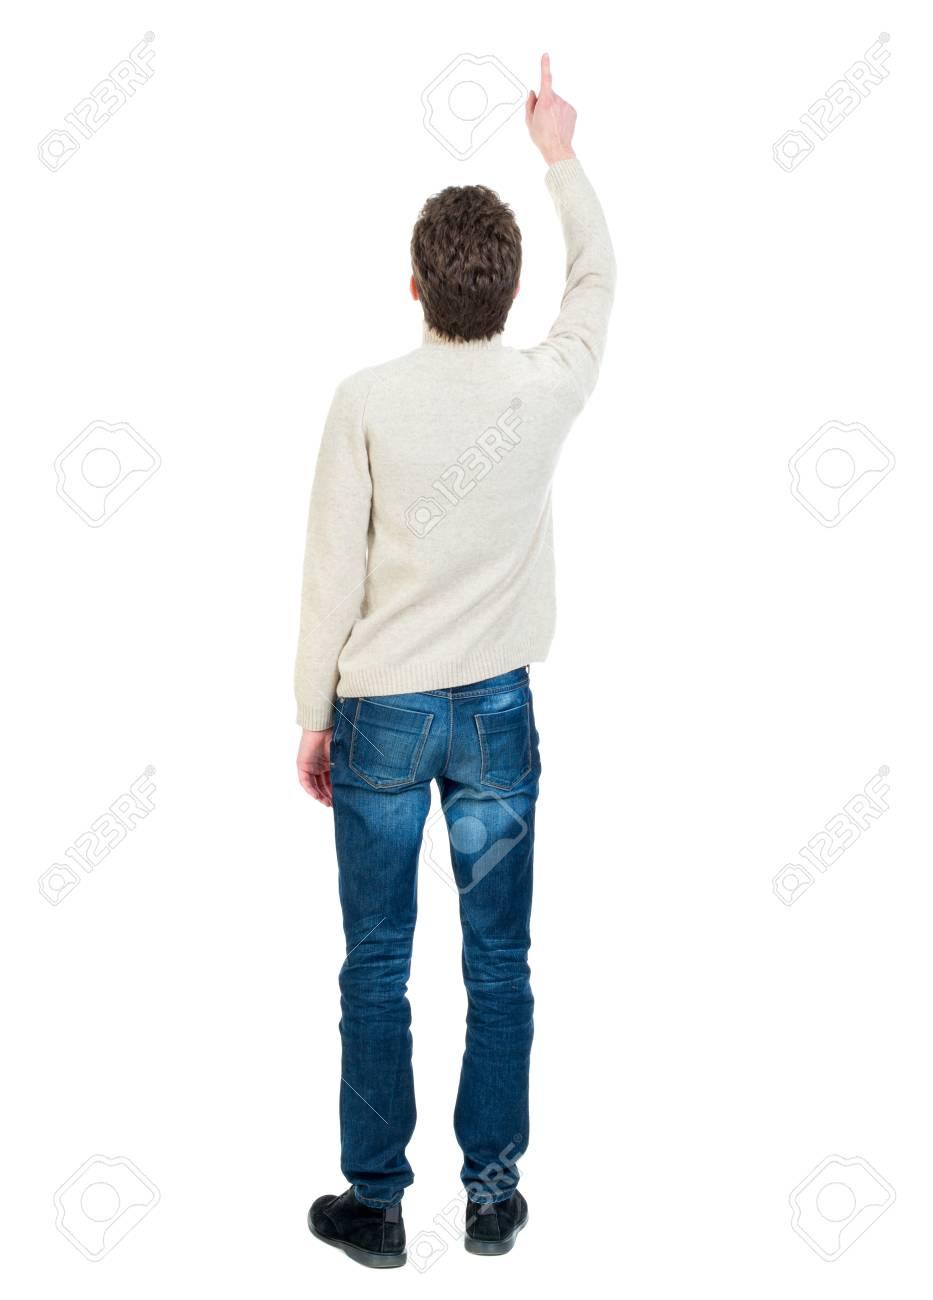 comprare popolare 3bc17 0392b Vista posteriore di indicare l'uomo d'affari. Il ragazzo riccio dai capelli  corti in una giacca bianca ha visto qualcosa in cima.